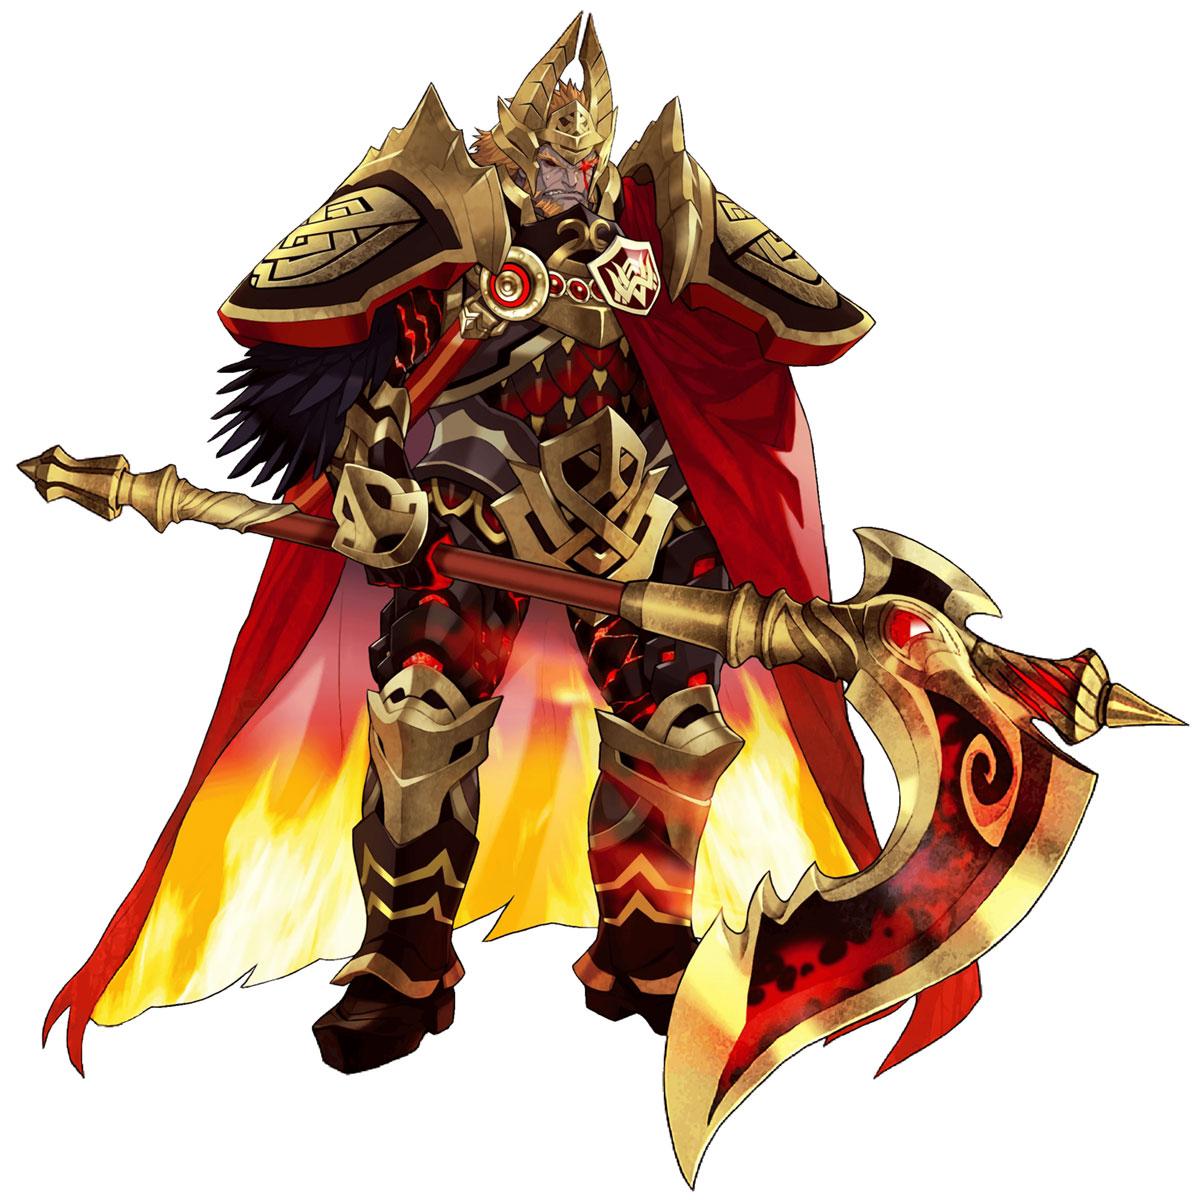 Surtr Art - Fire Emblem Heroes Art Gallery